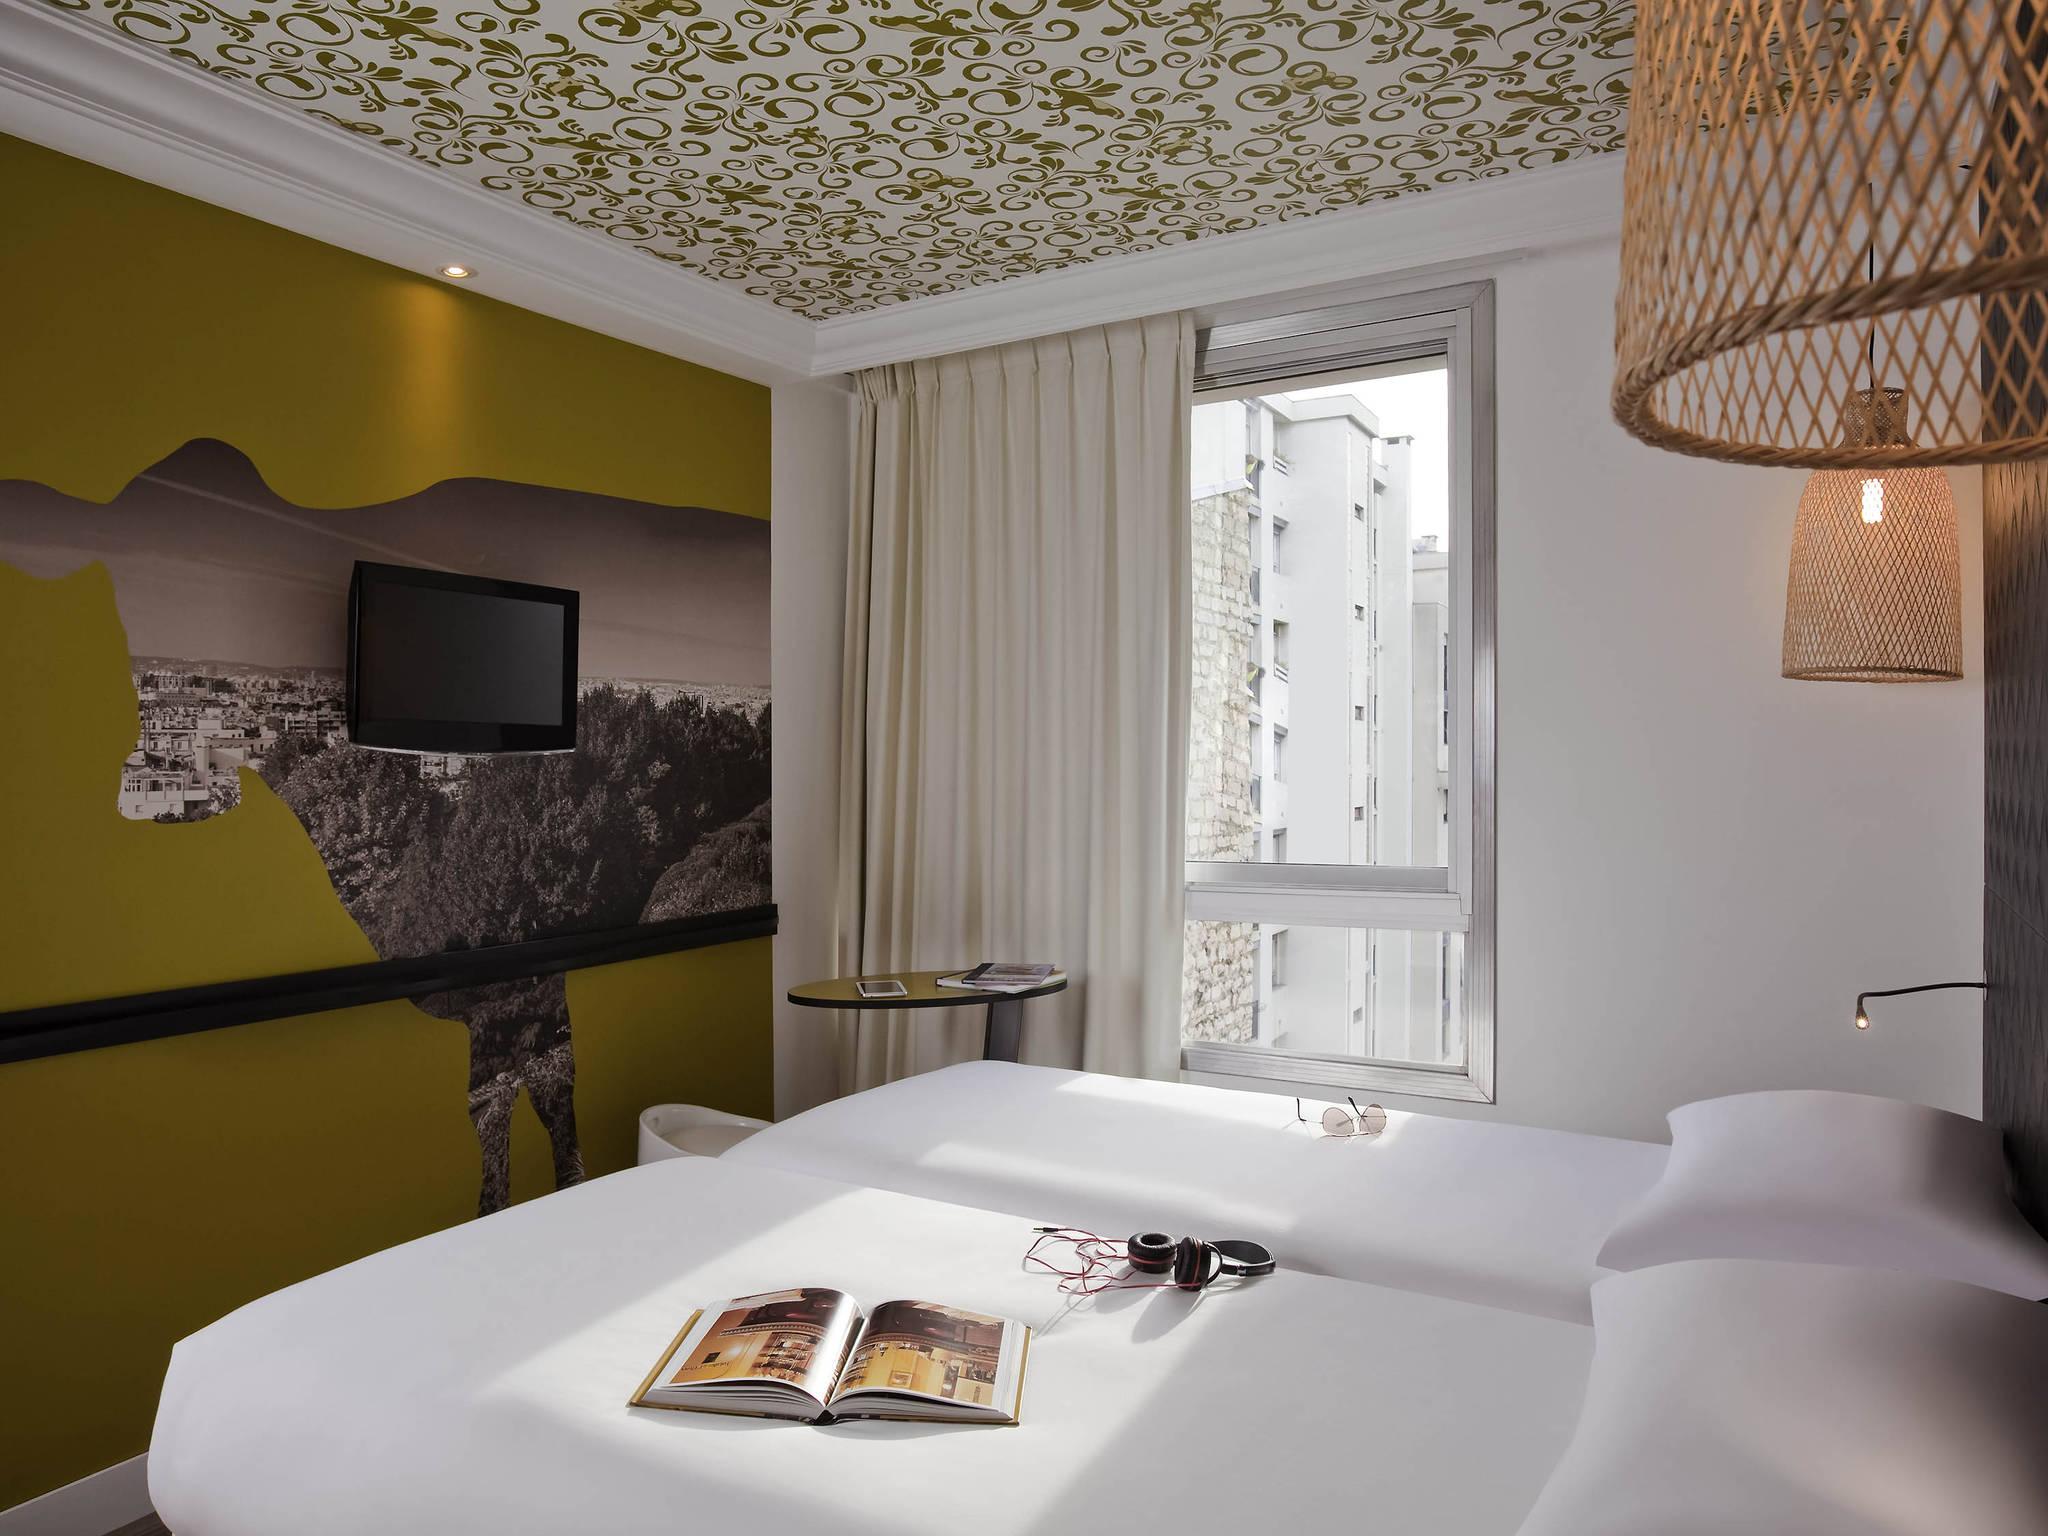 โรงแรม – ไอบิส สไตล์ ปารีส บุตส์ โชมง